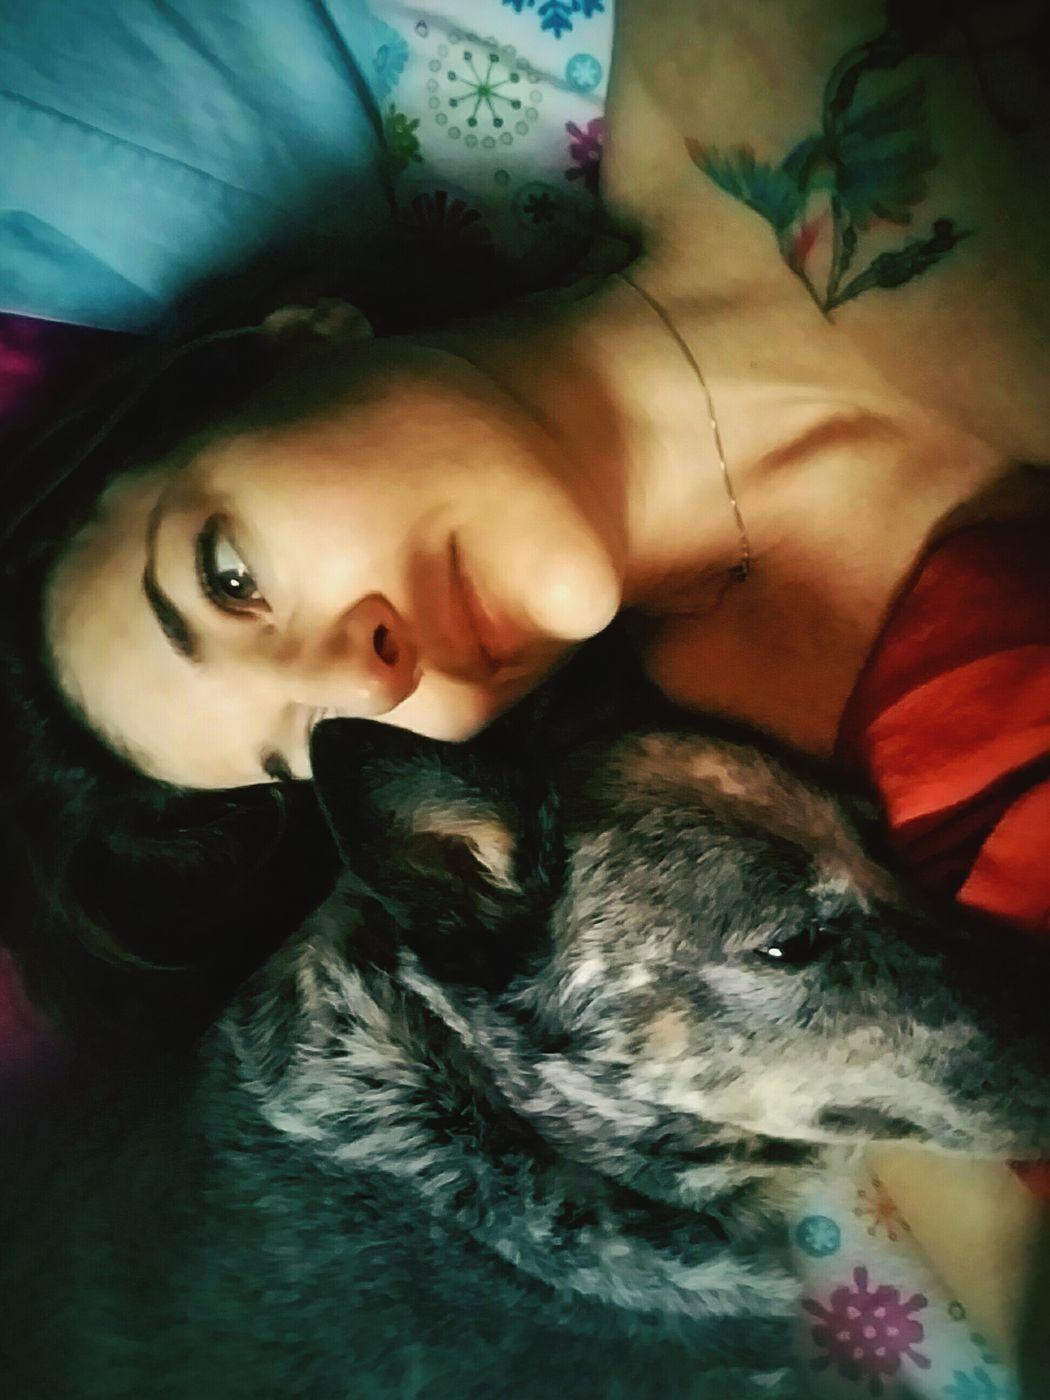 Dog Doggie Cuddles Dog❤ Unconditional Love Always Dogslife Meandmybestfriend 💗💗 Australian Cattle Dog